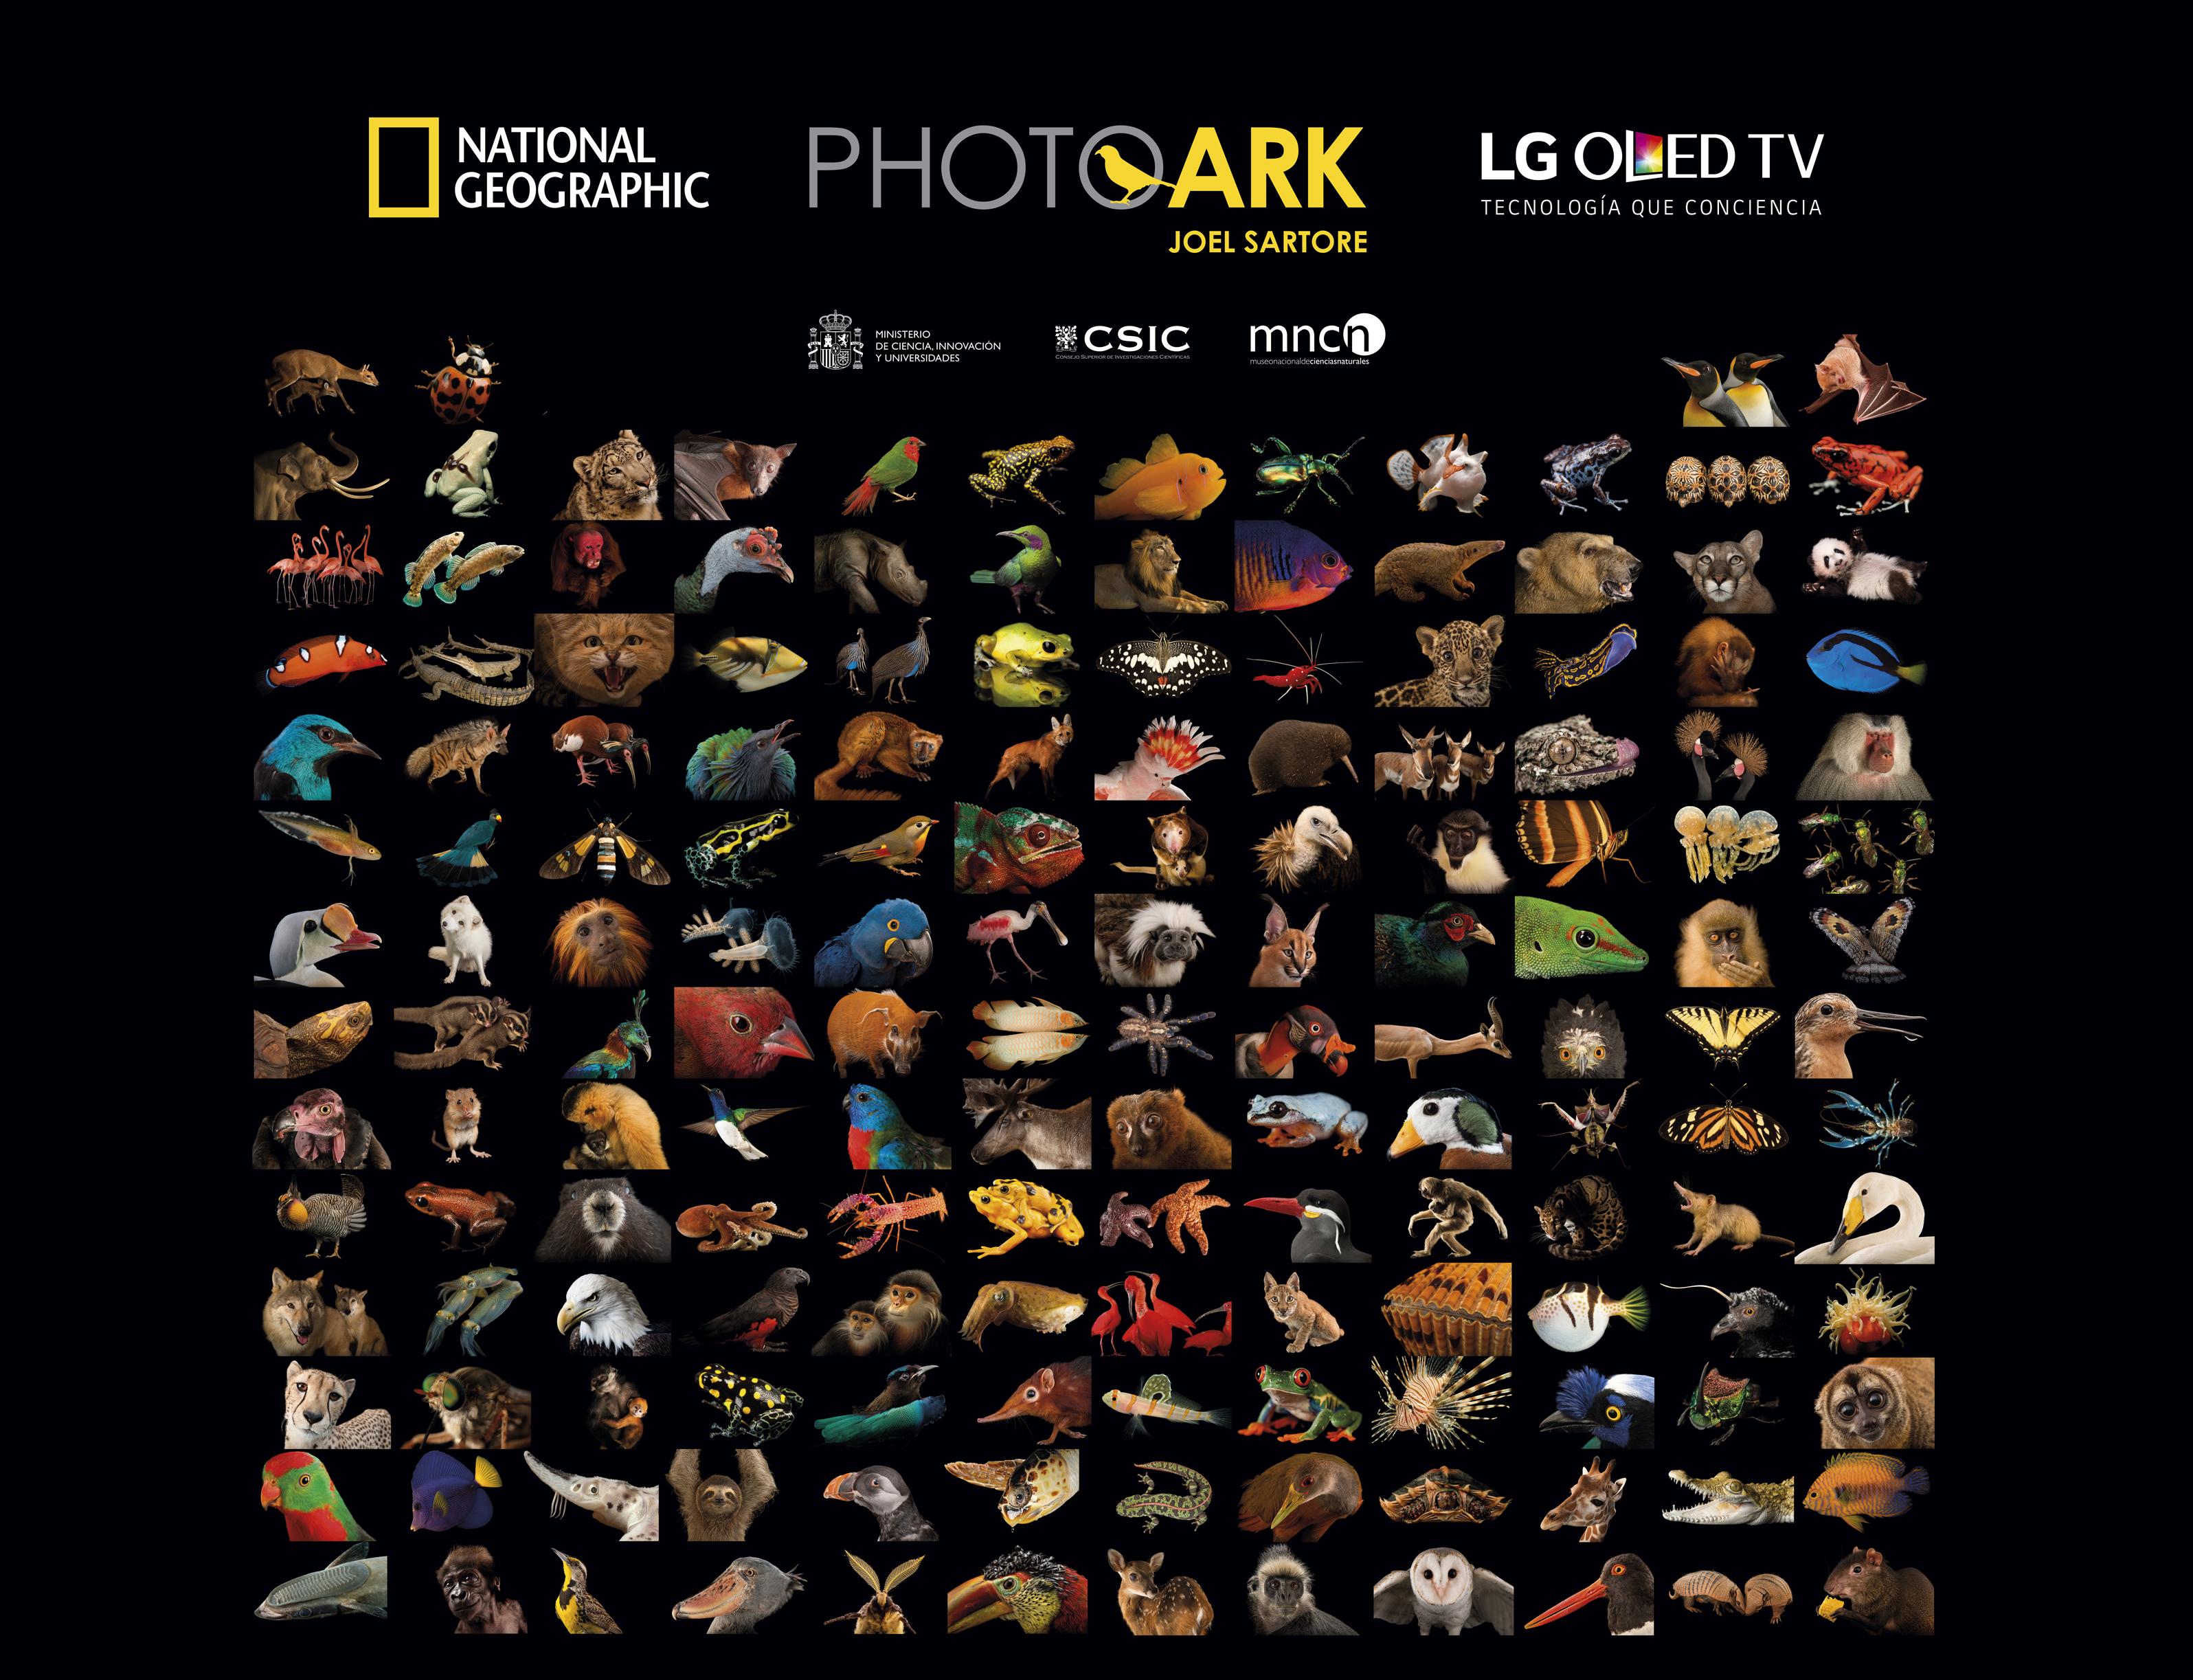 LG Electronics, PhotoArk_National Geographic